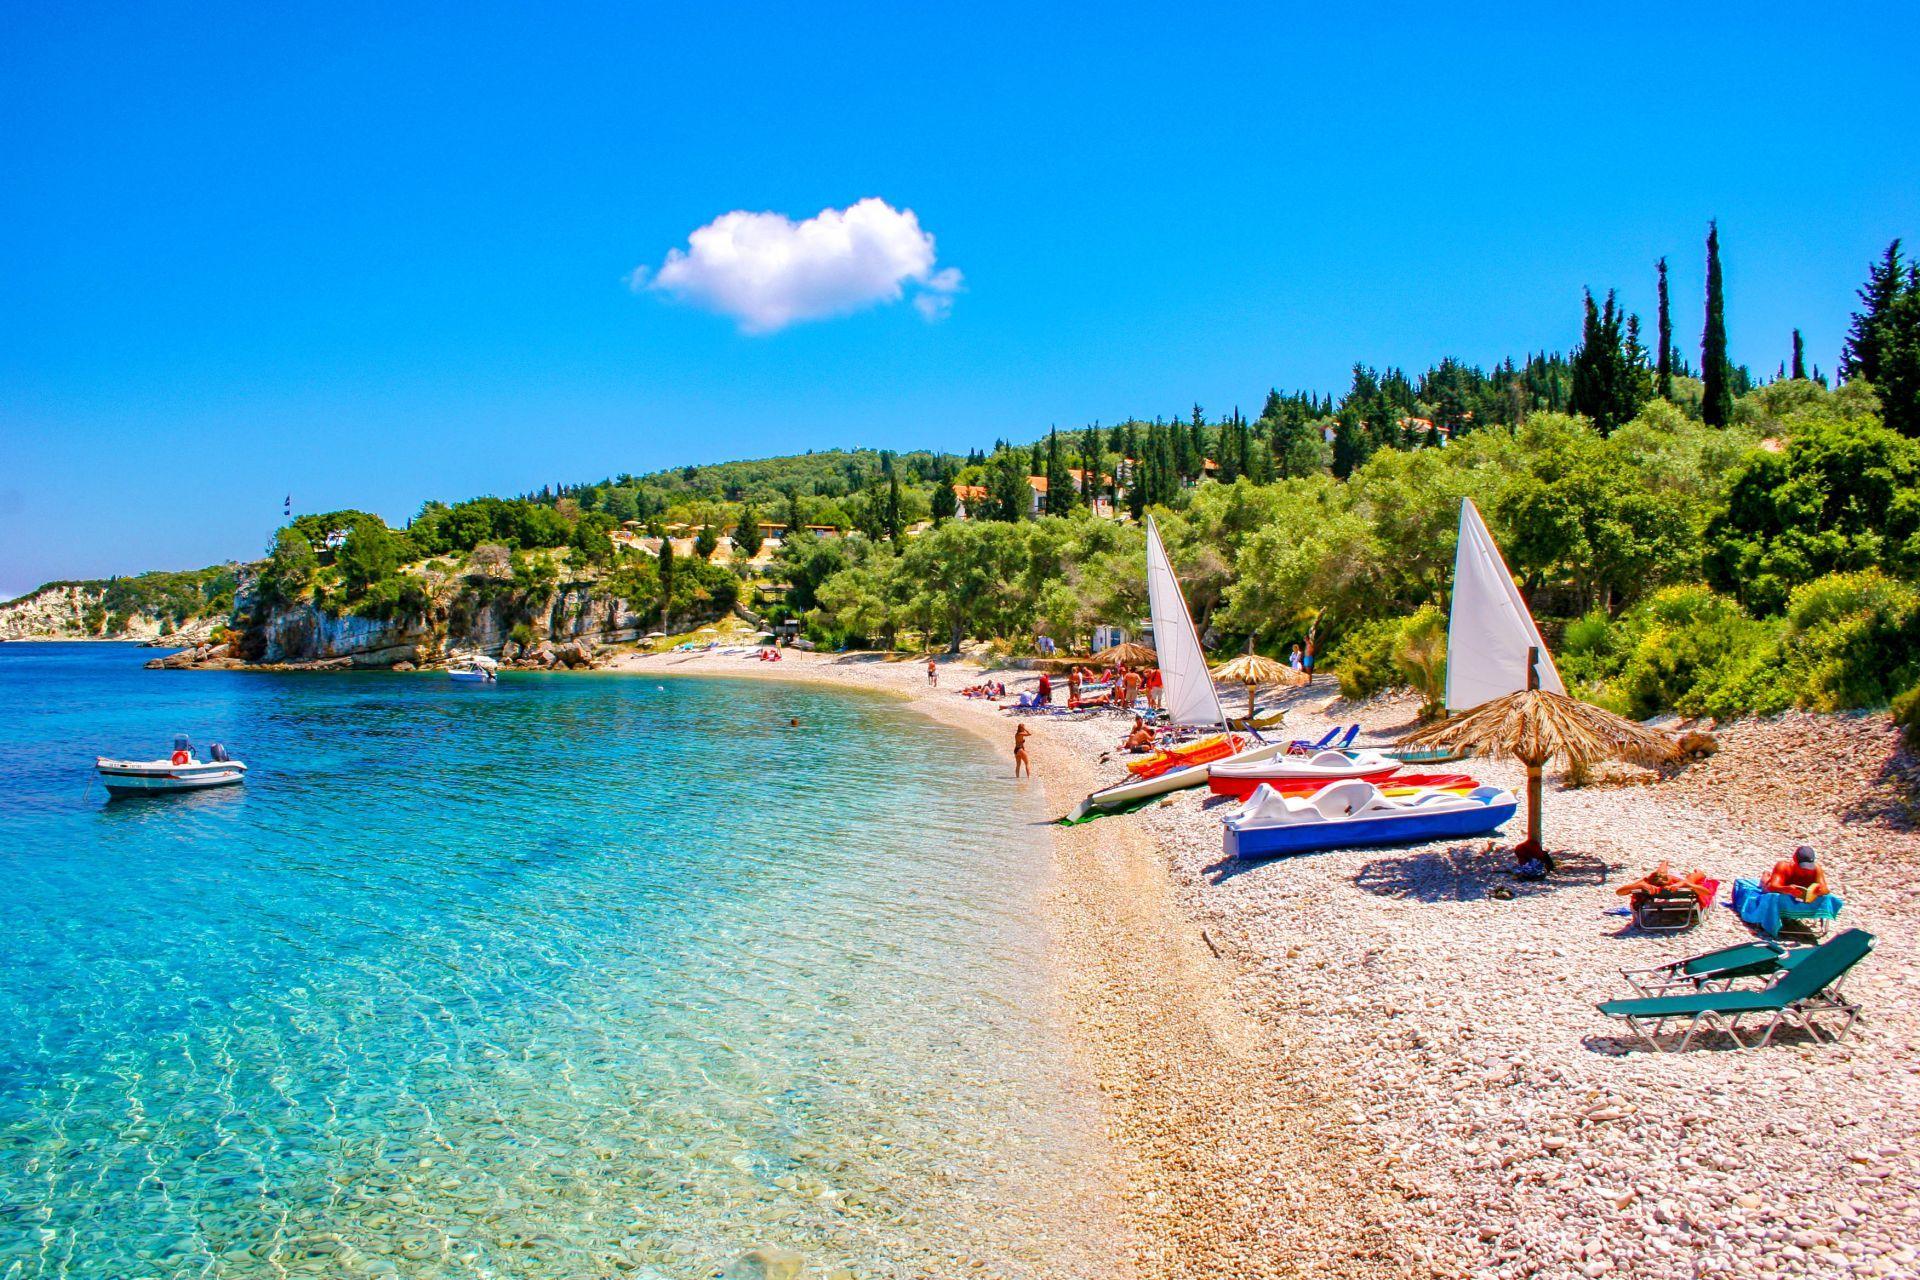 Ταξιδεύοντας στο άγνωστο με 5+1 κρυμμένα νησιά της Ελλάδας